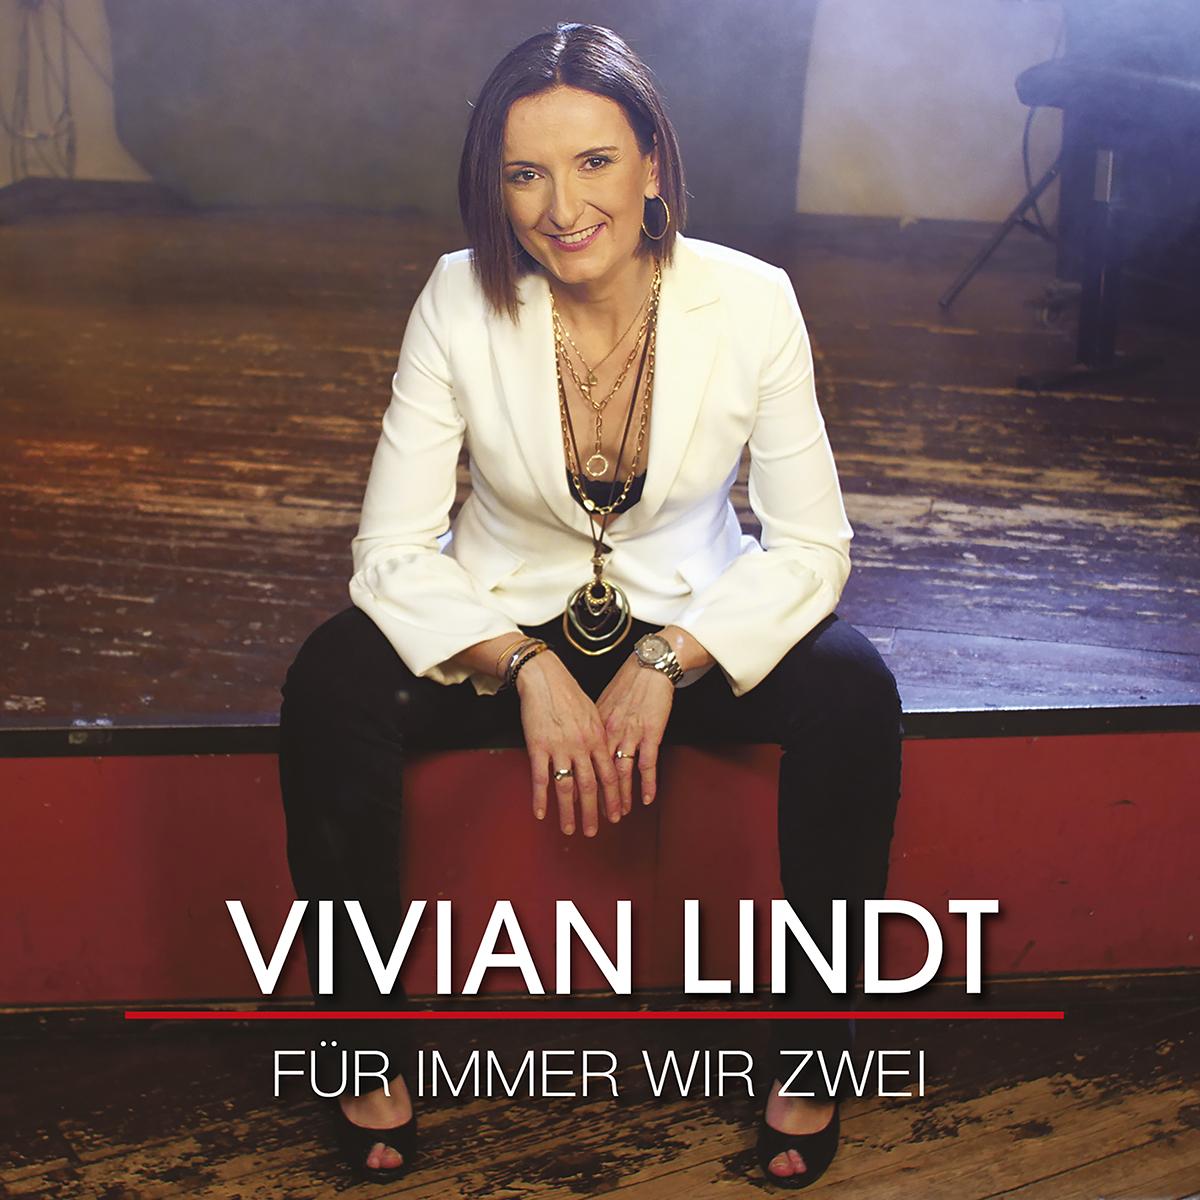 Cover: Für immer wir zwei, Vivian Lindt